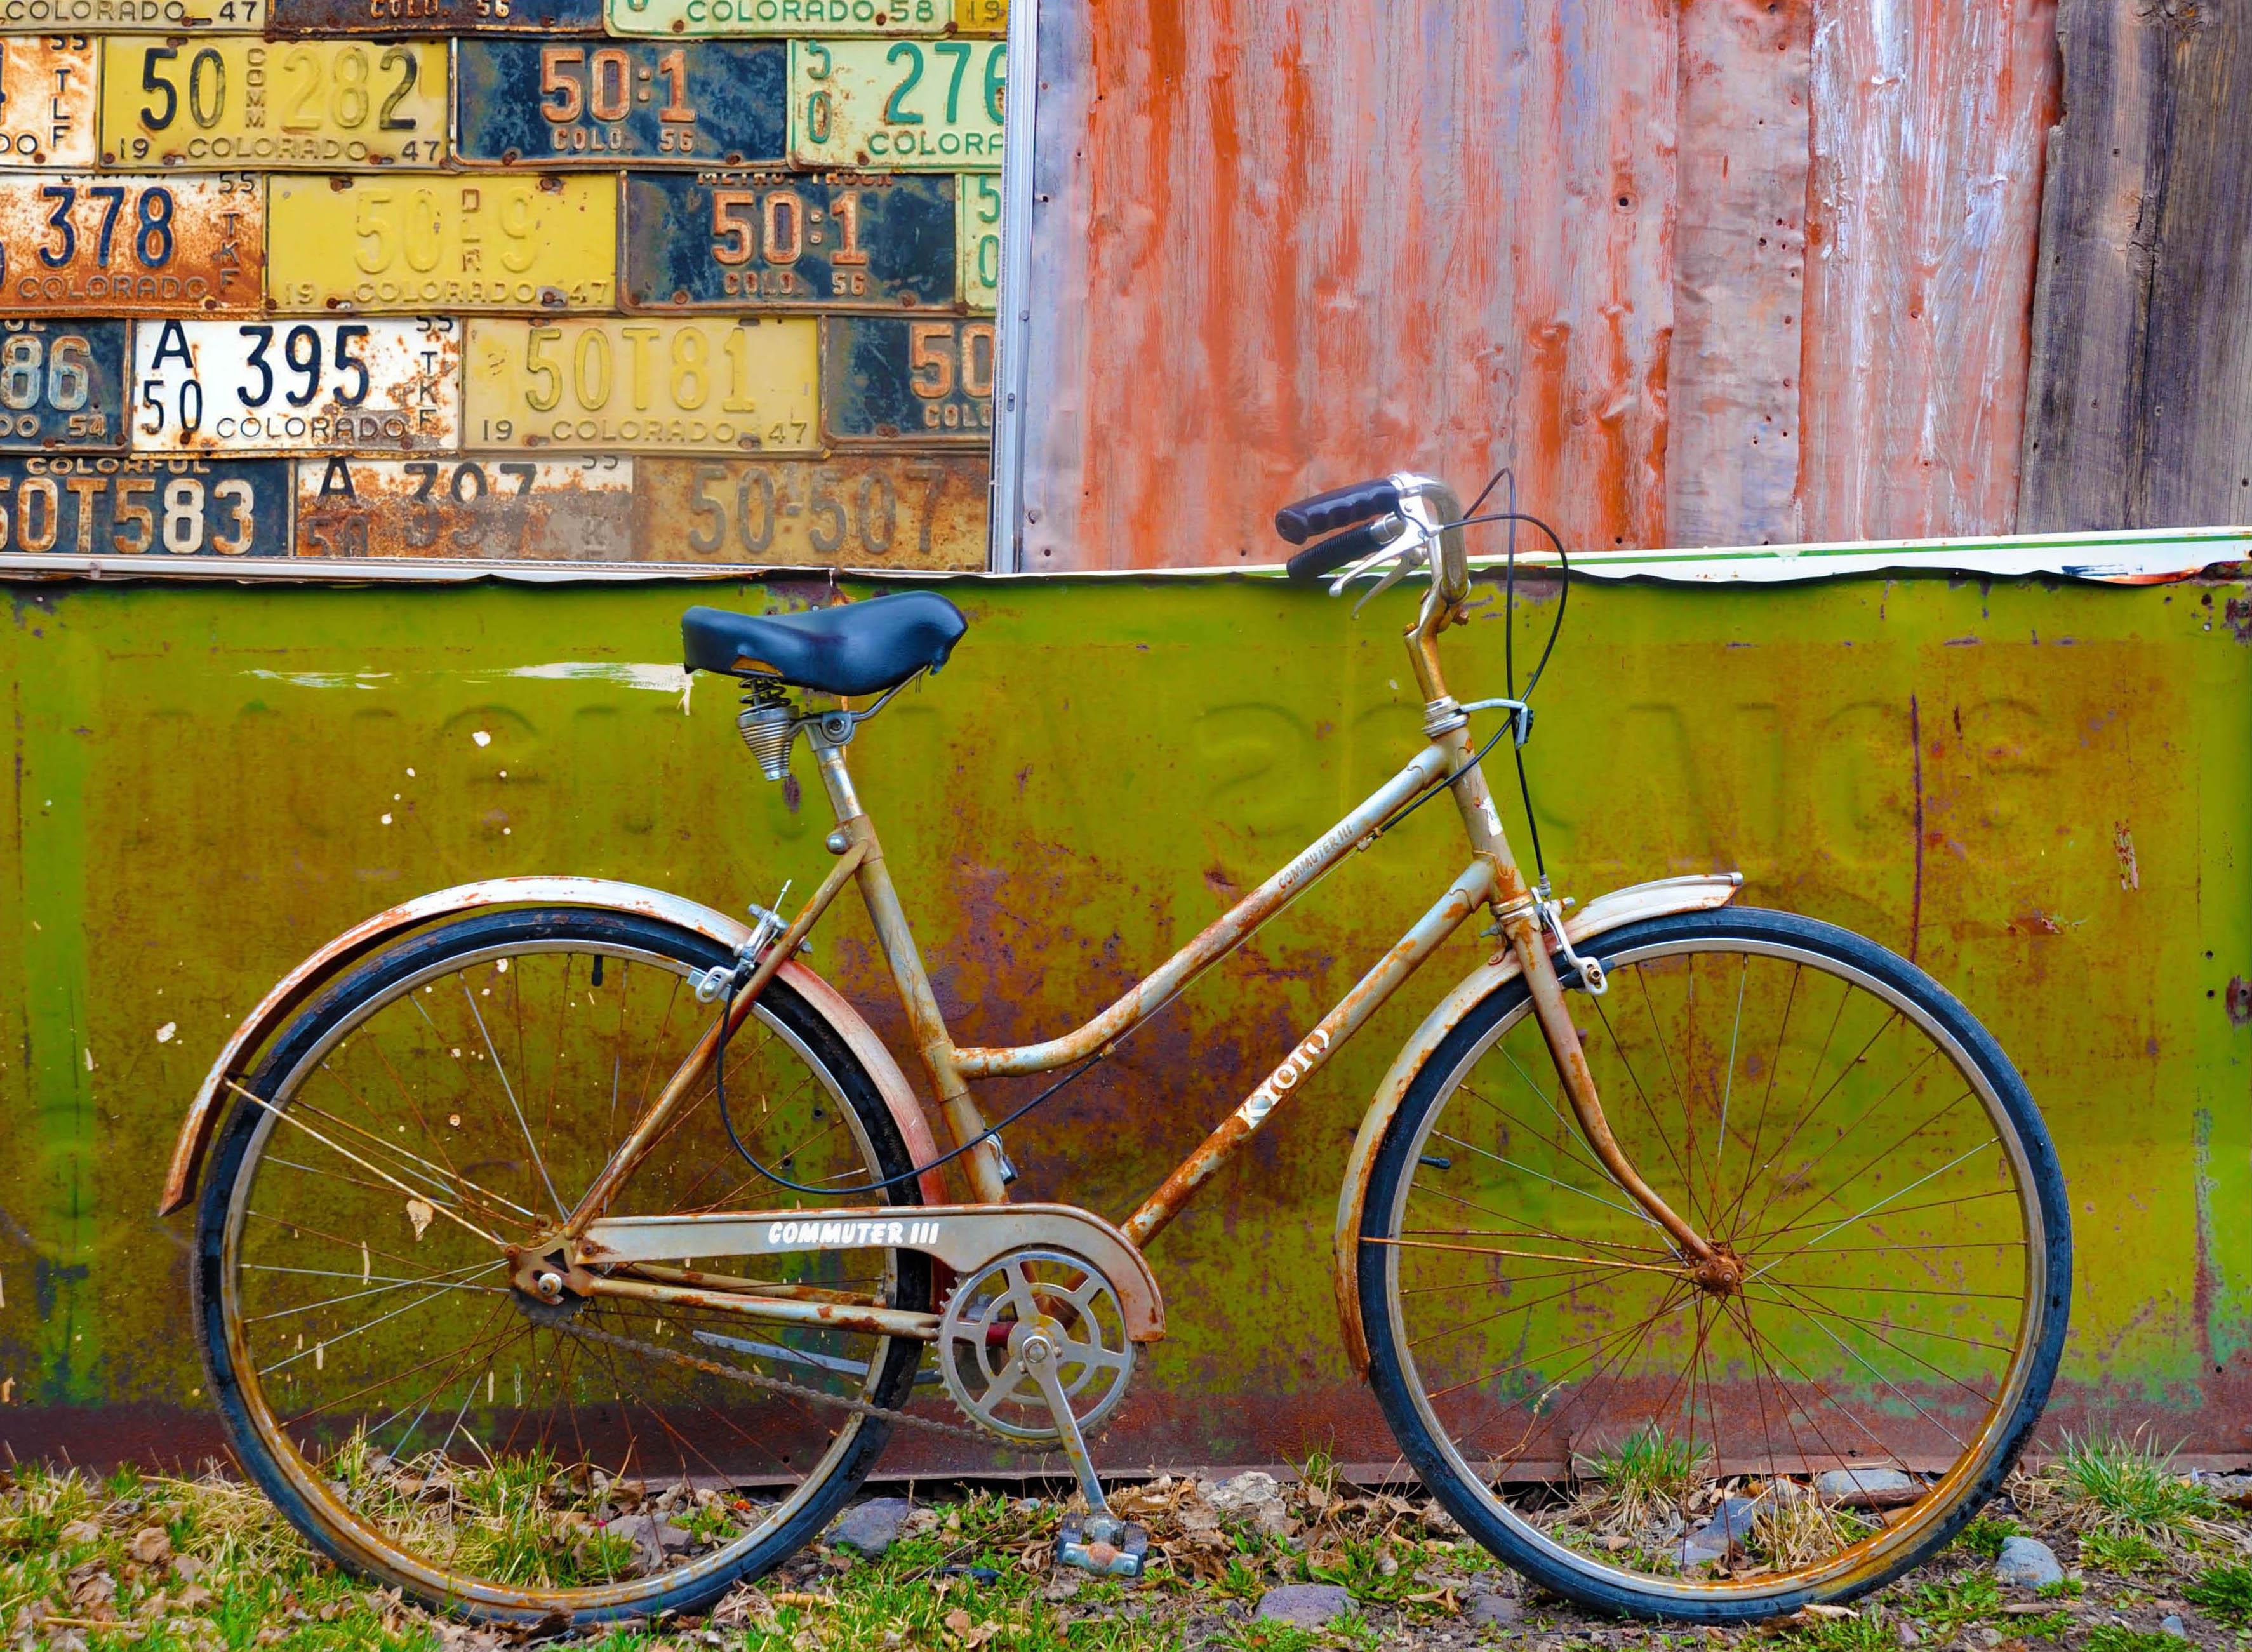 Maggie's Bike